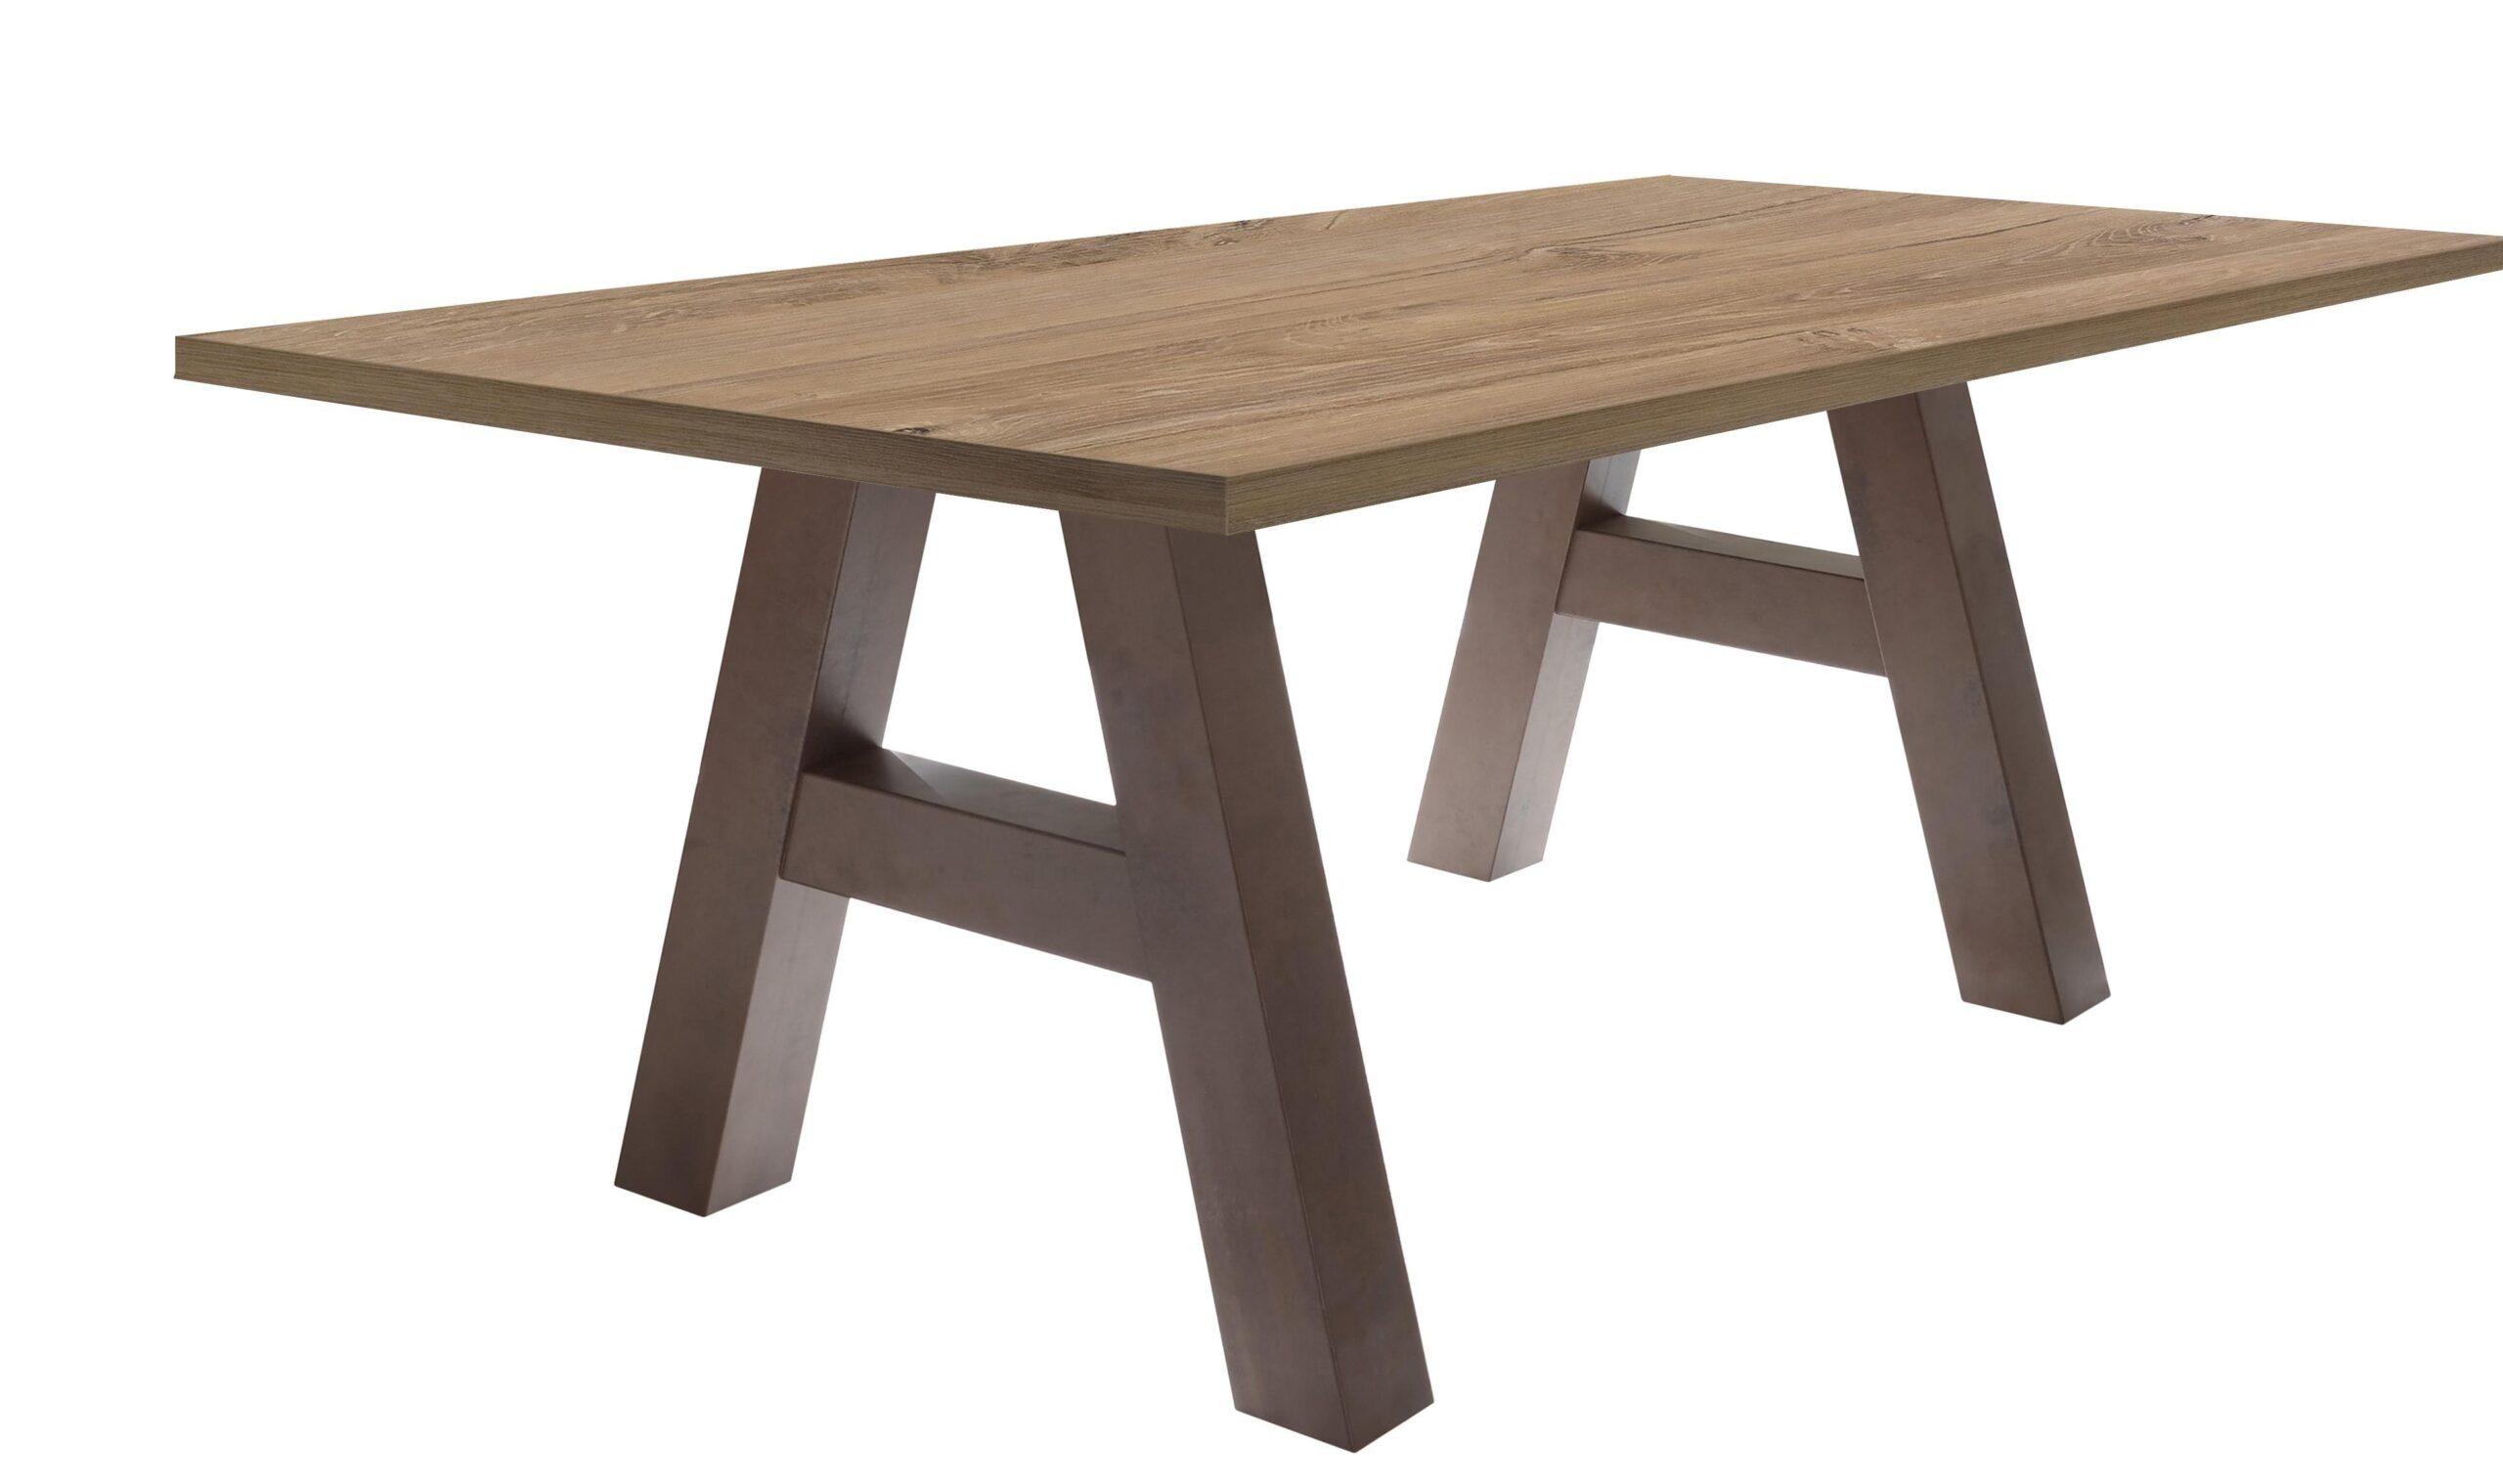 Full Size of Esstische Massivholz Runde Holz Ausziehbar Moderne Rund Massiv Designer Design Kleine Esstische Esstische